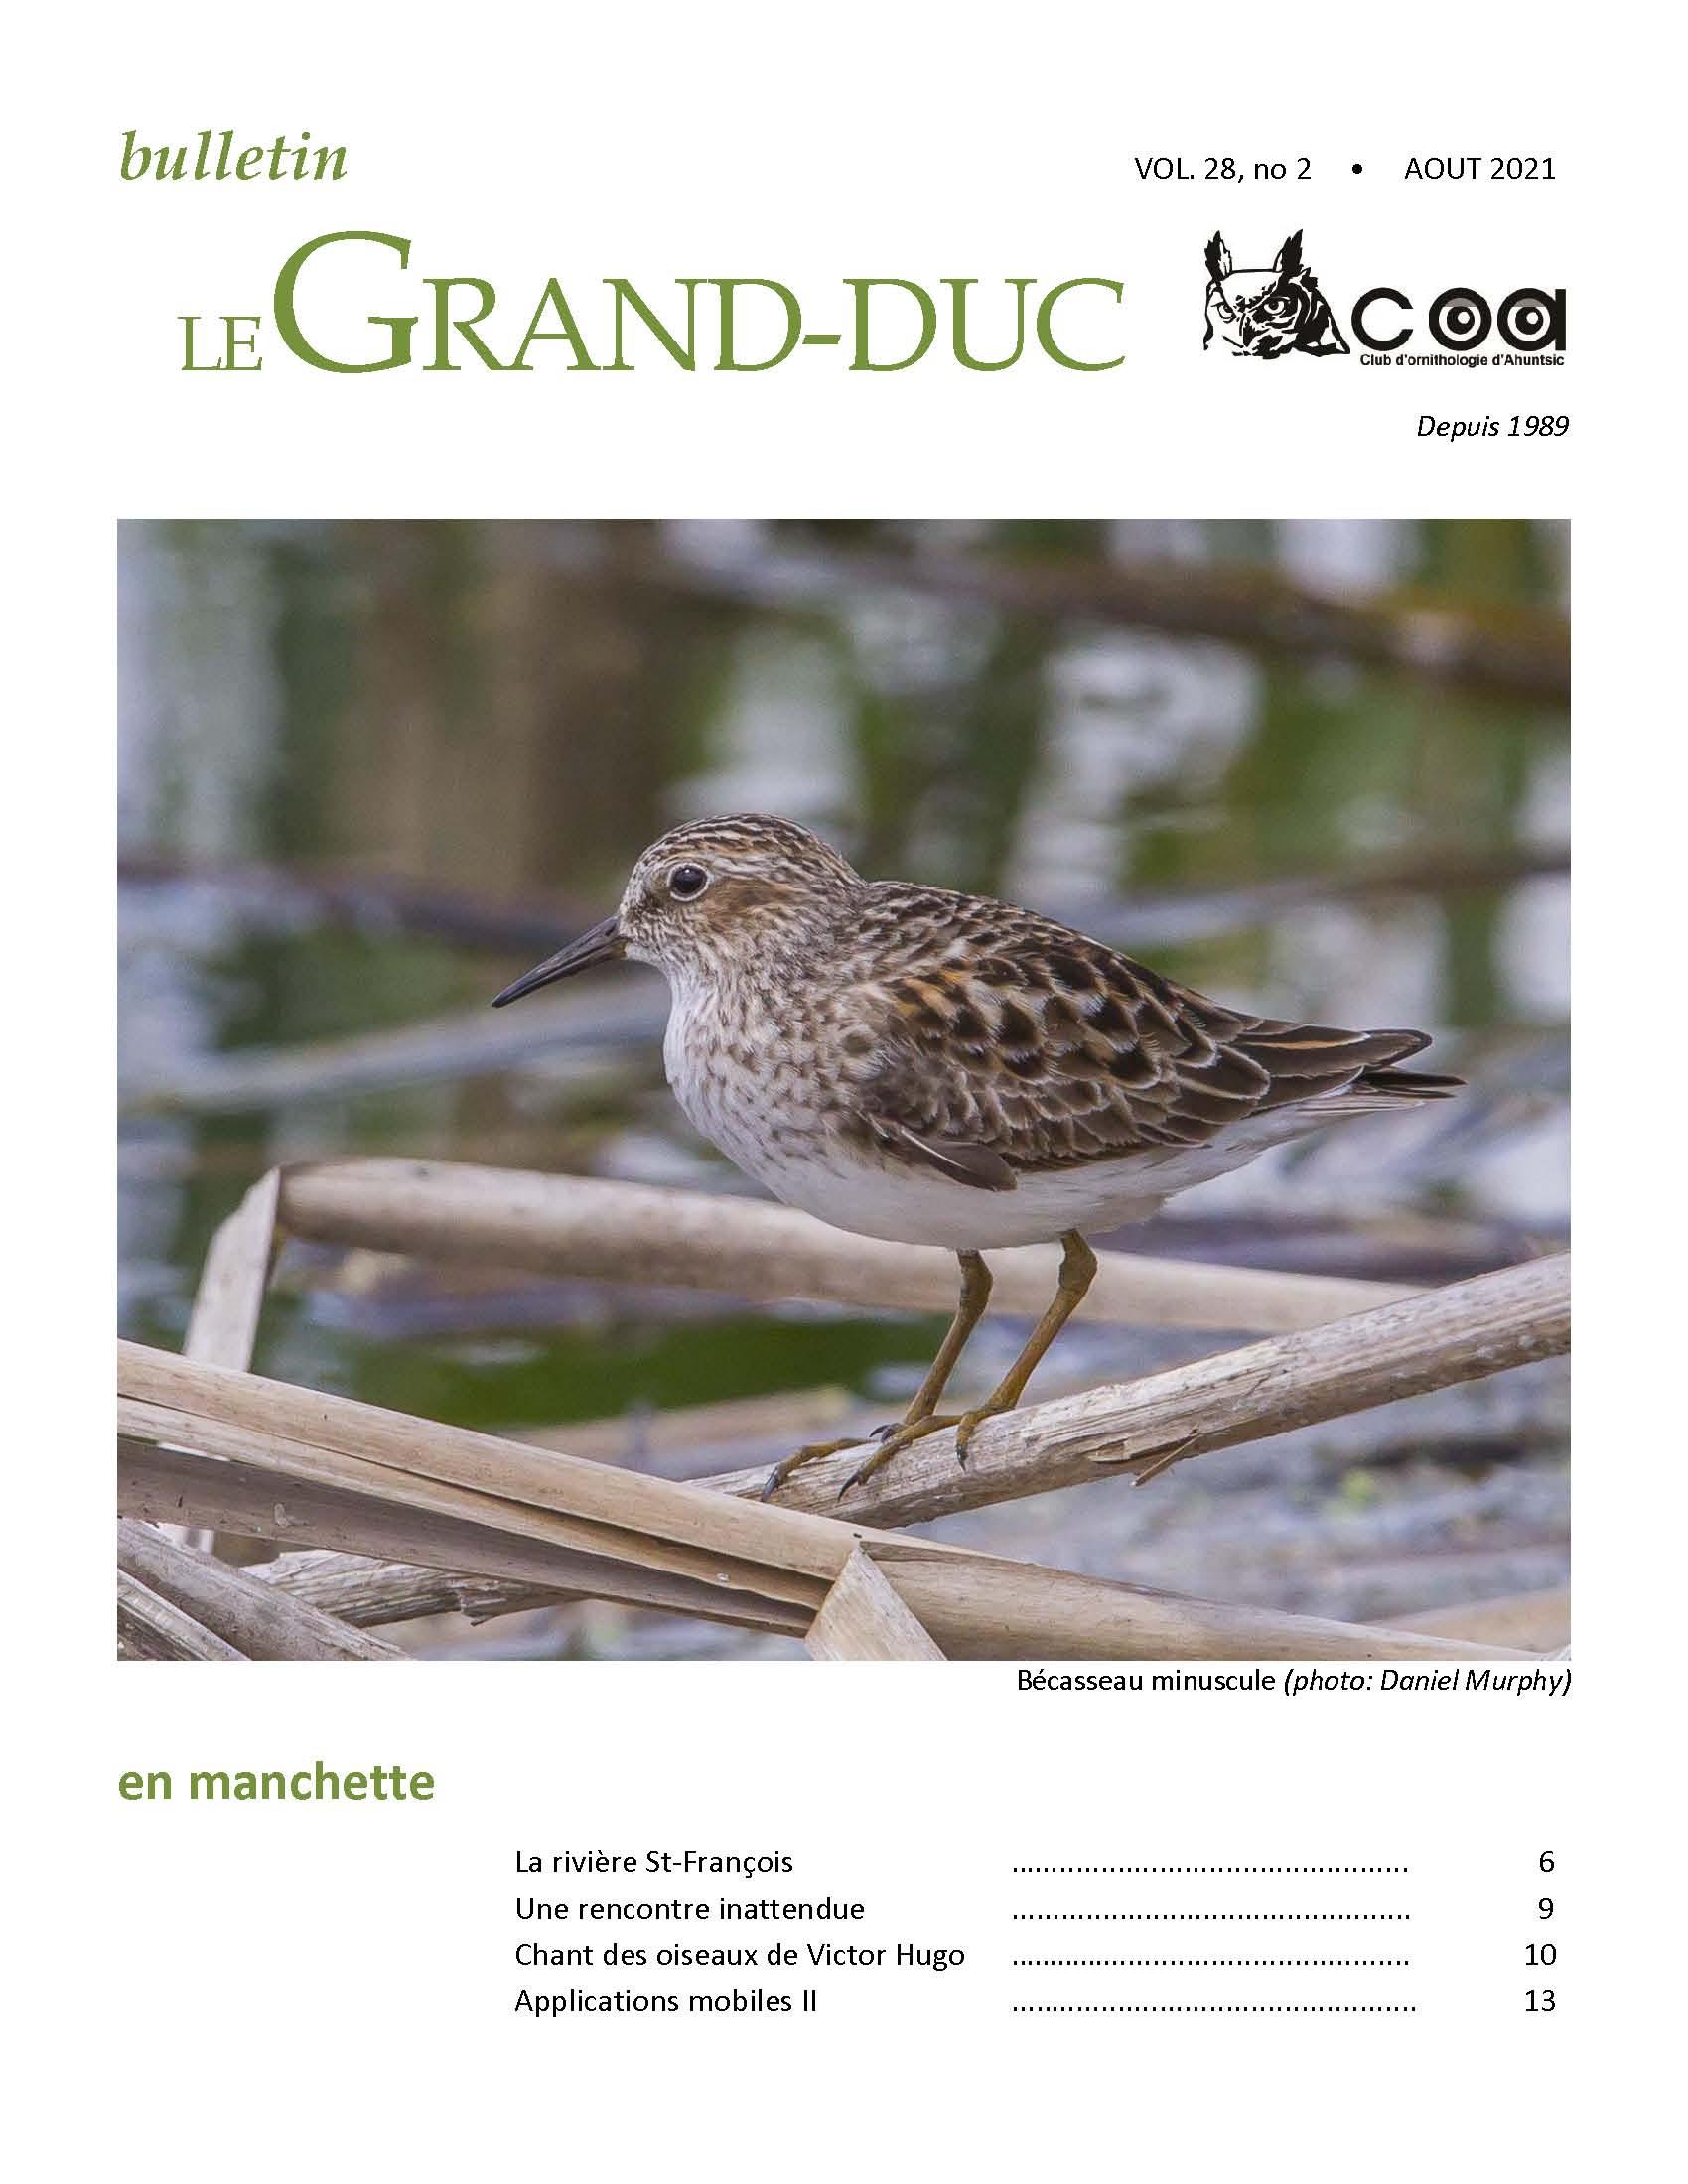 Gr-ducV28-no2_2021-aout2021_Page_01